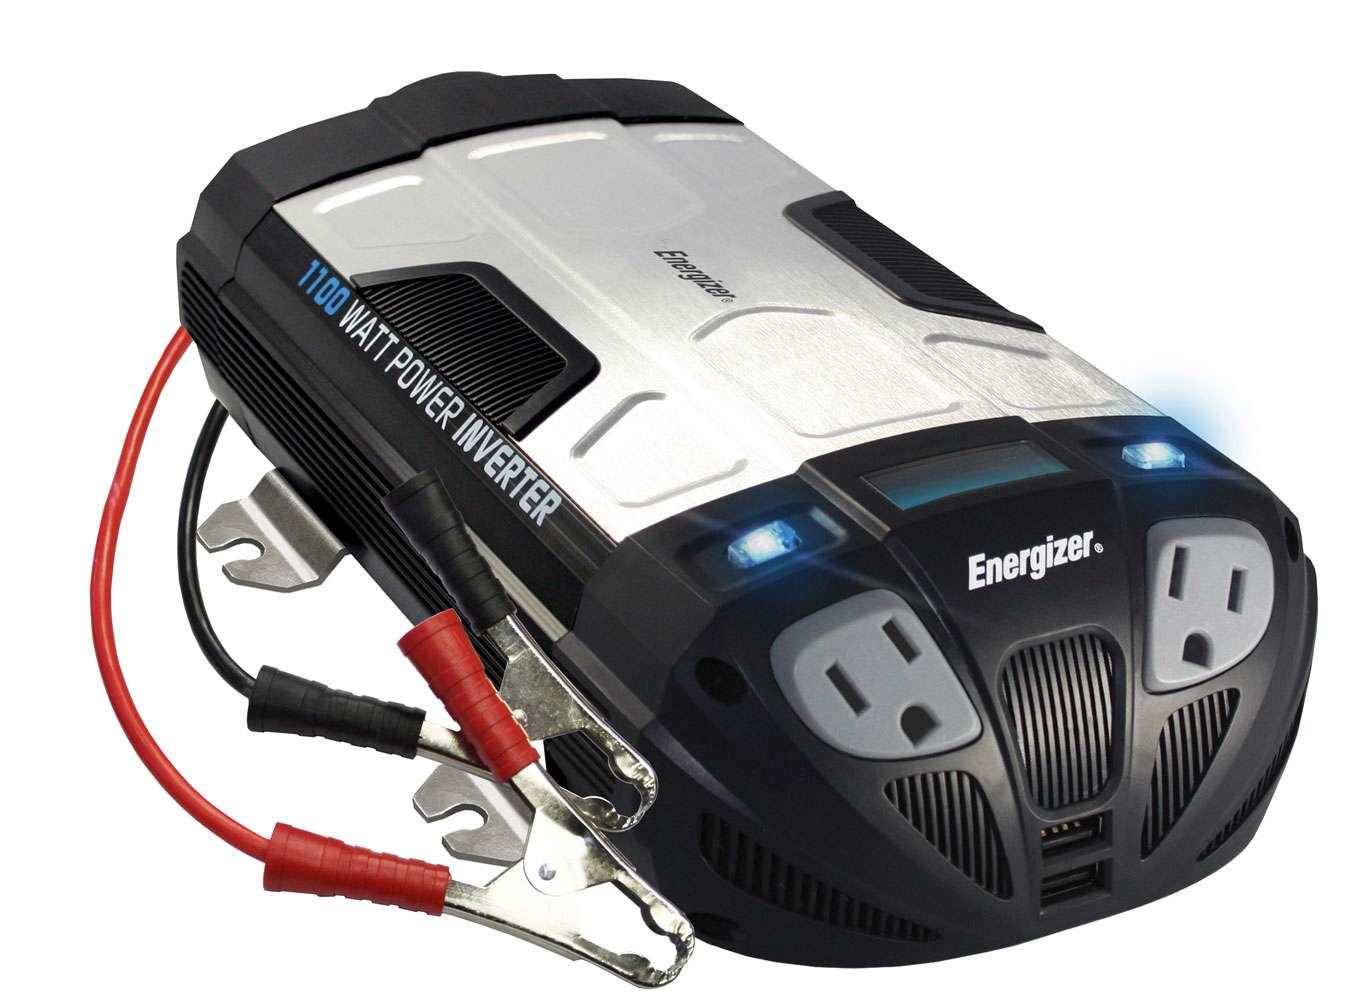 Energizer En1100 1100 Watt 12v Power Inverter Inverters R Us Cotekinverterandbatterybankwiringjpg